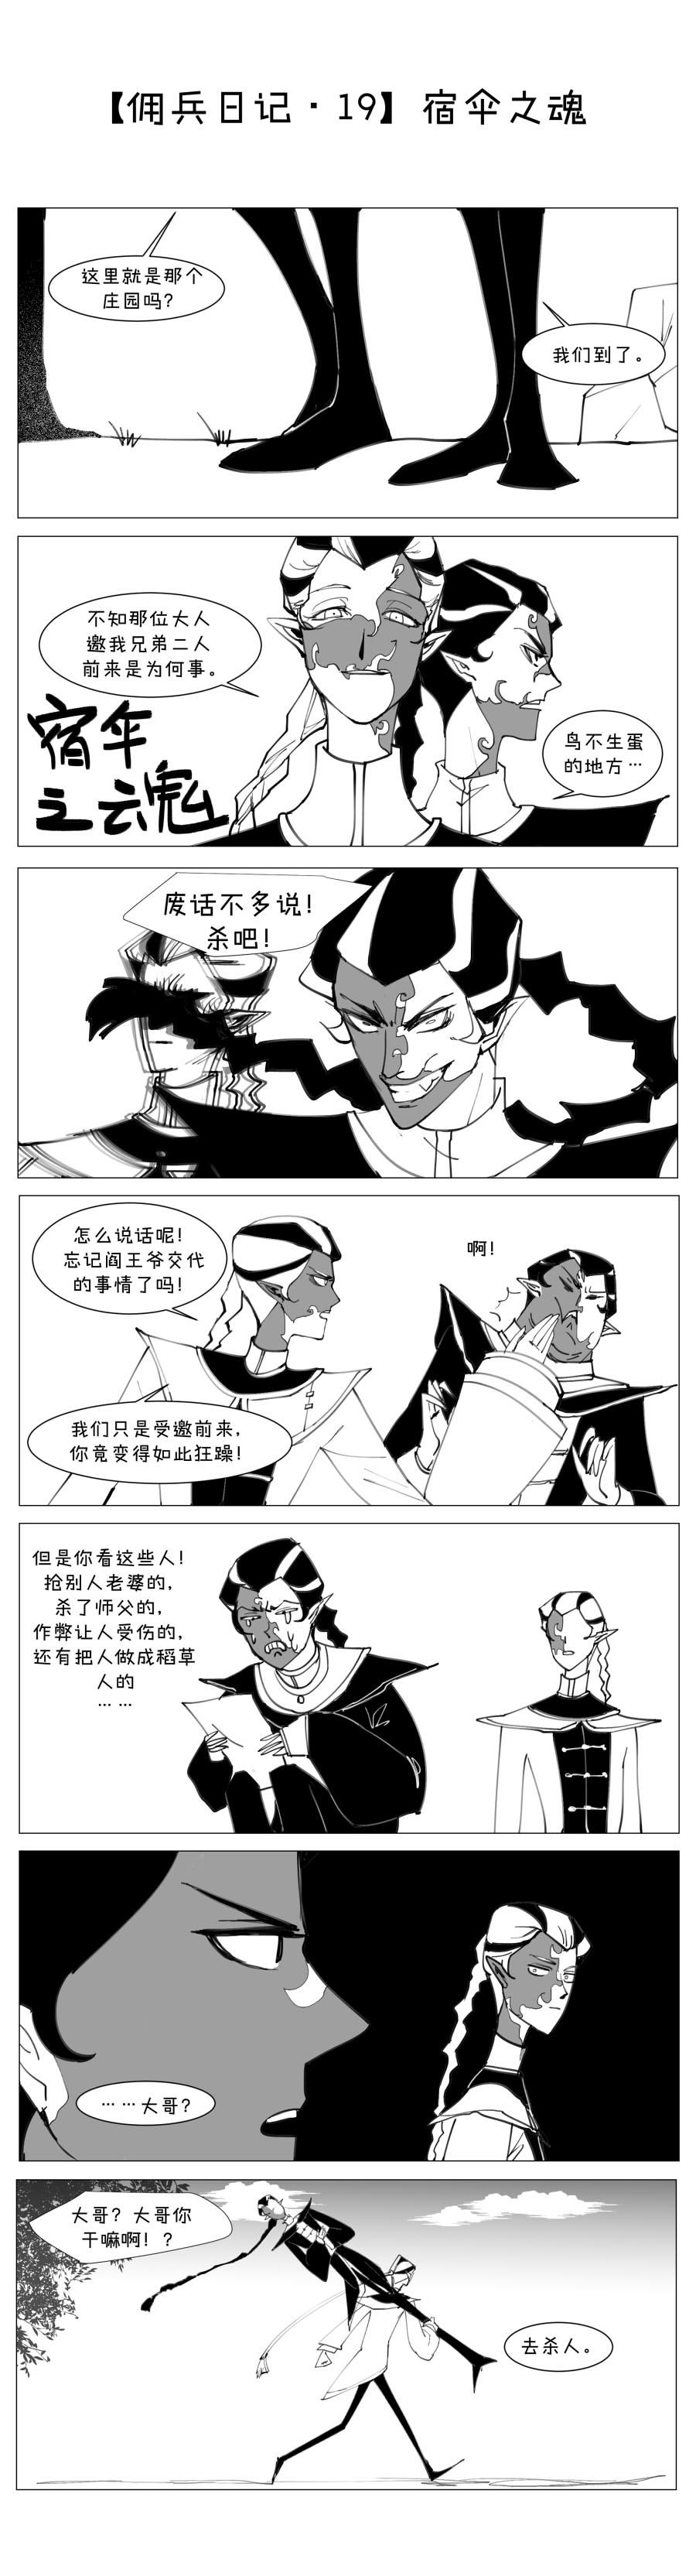 【佣兵日记19】宿伞之魂